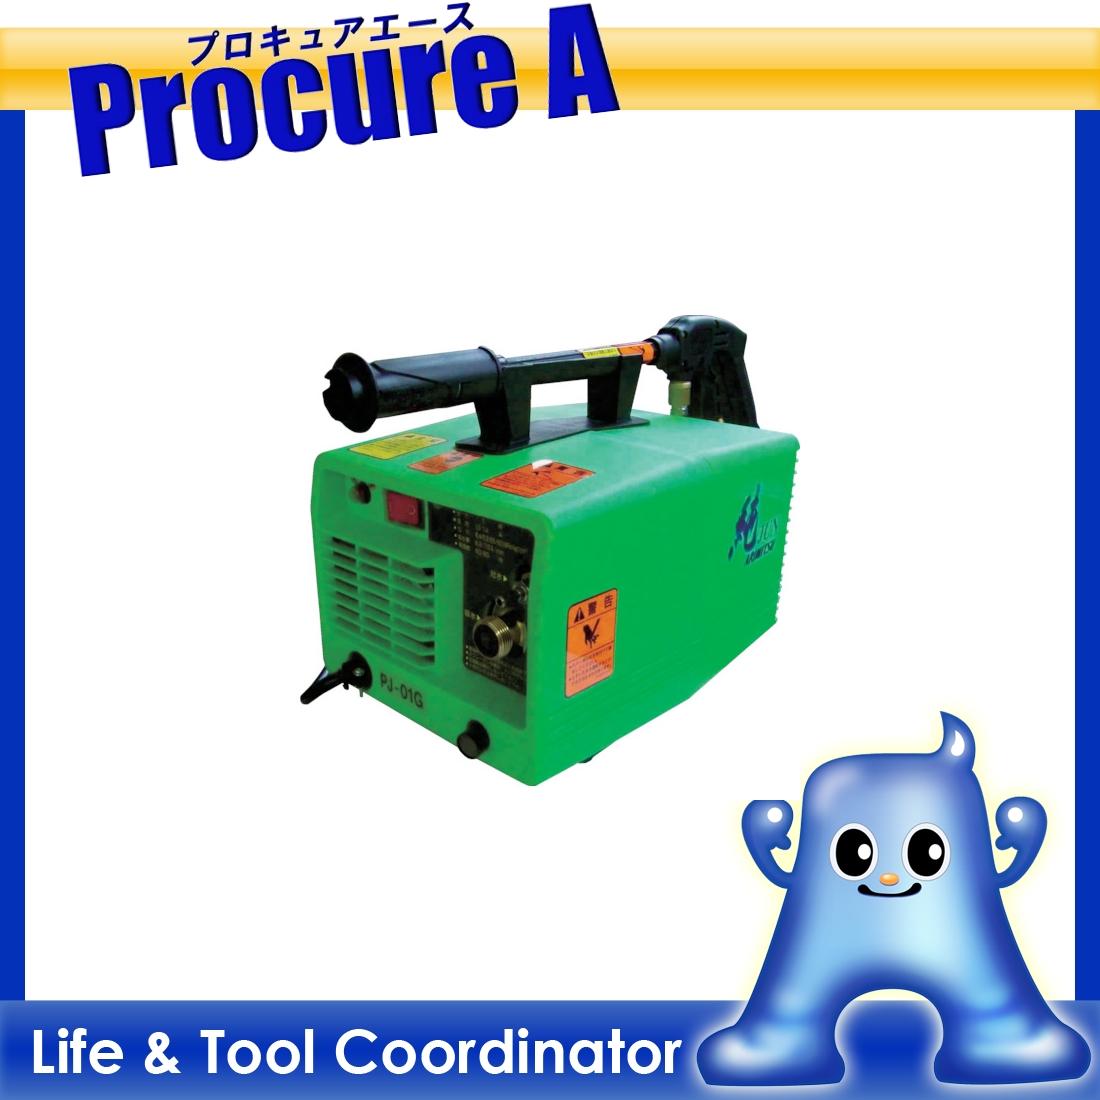 有光 高圧洗浄機 PJ-01G 単相100V PJ-01G ▼455-3322 有光工業(株) 【代引決済不可 メーカー取寄料(要)】